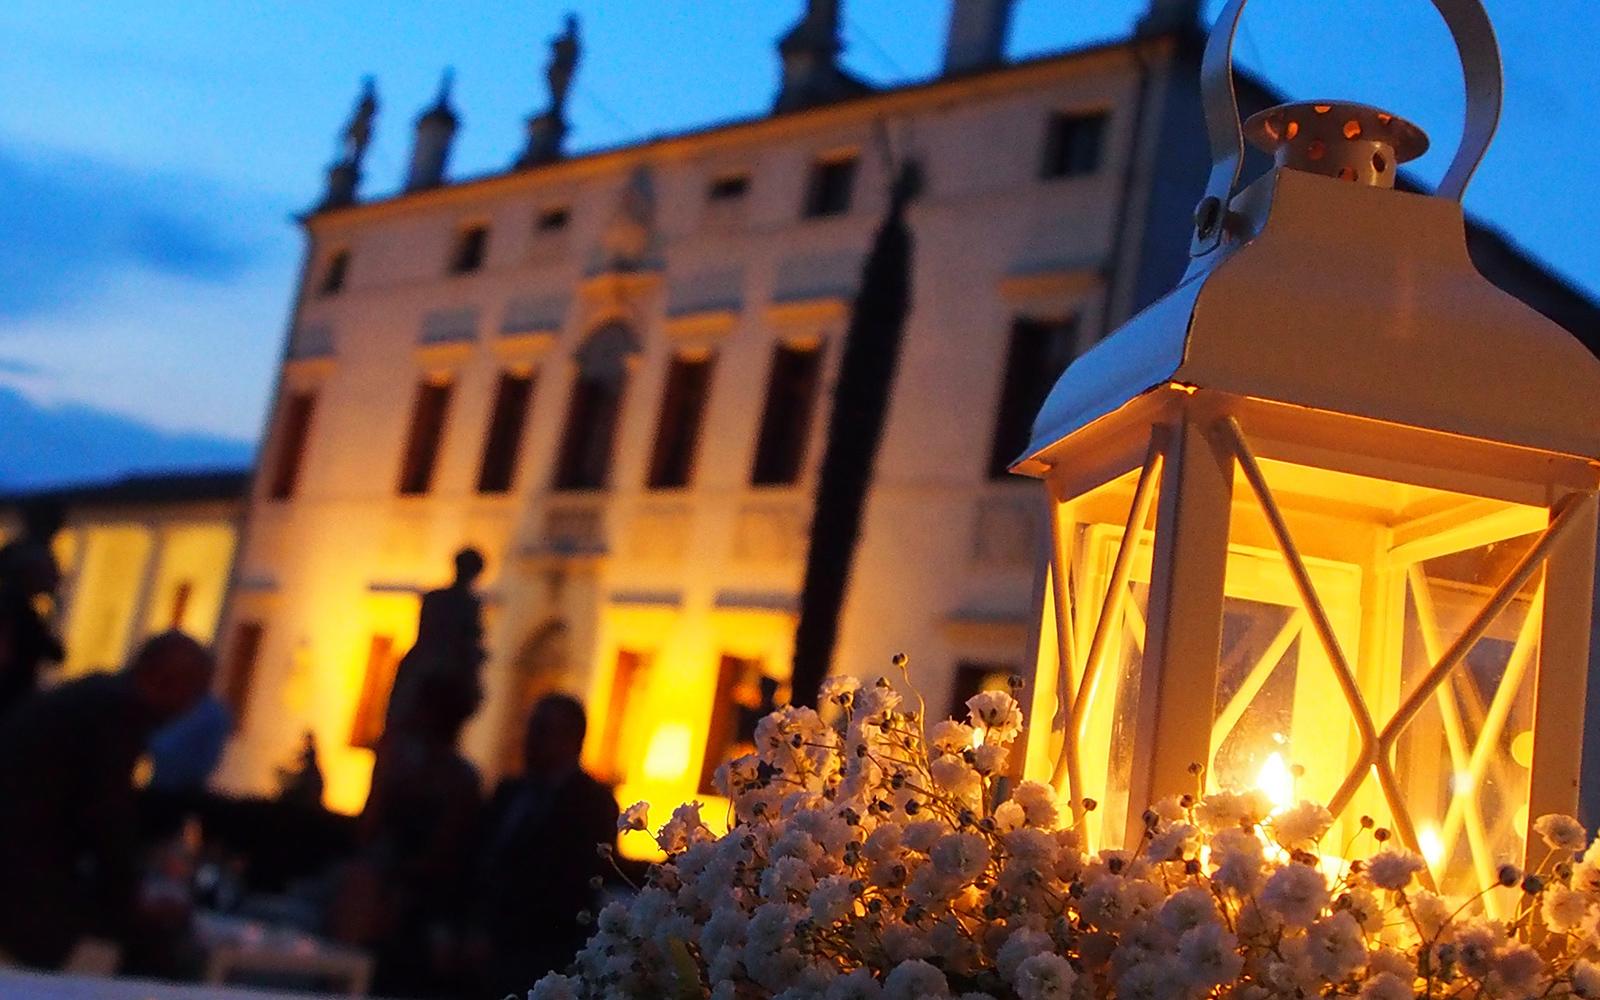 villa per shooting Padova,villa per shooting Vicenza, location feste Vicenza, location feste Padova, location feste private Padova